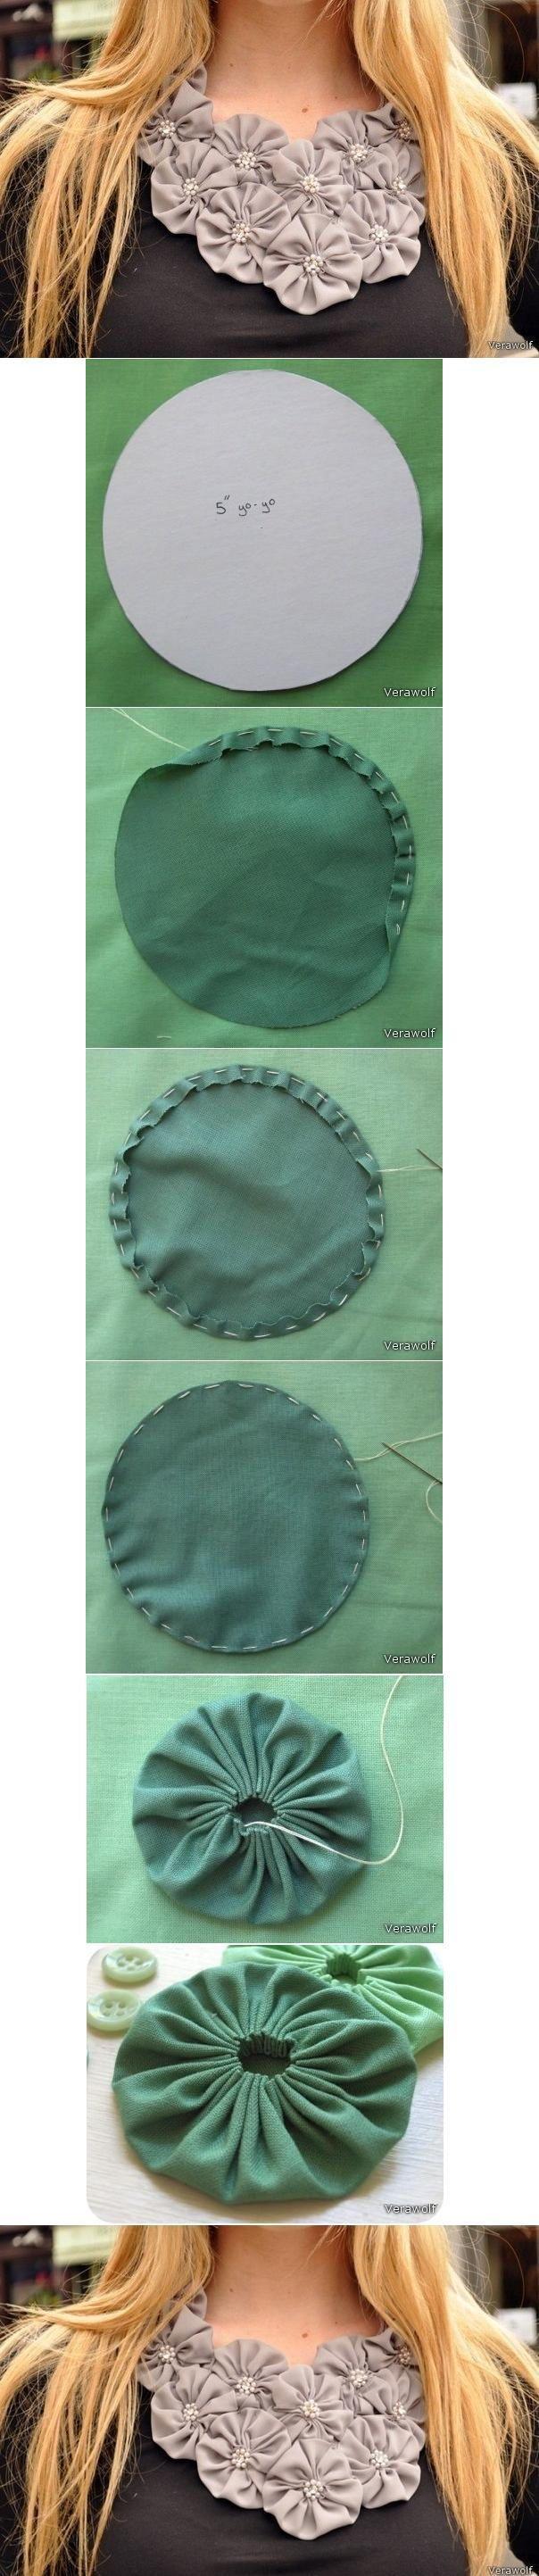 DIY Fabric Flower Ornament DIY Projects | UsefulDIY.com